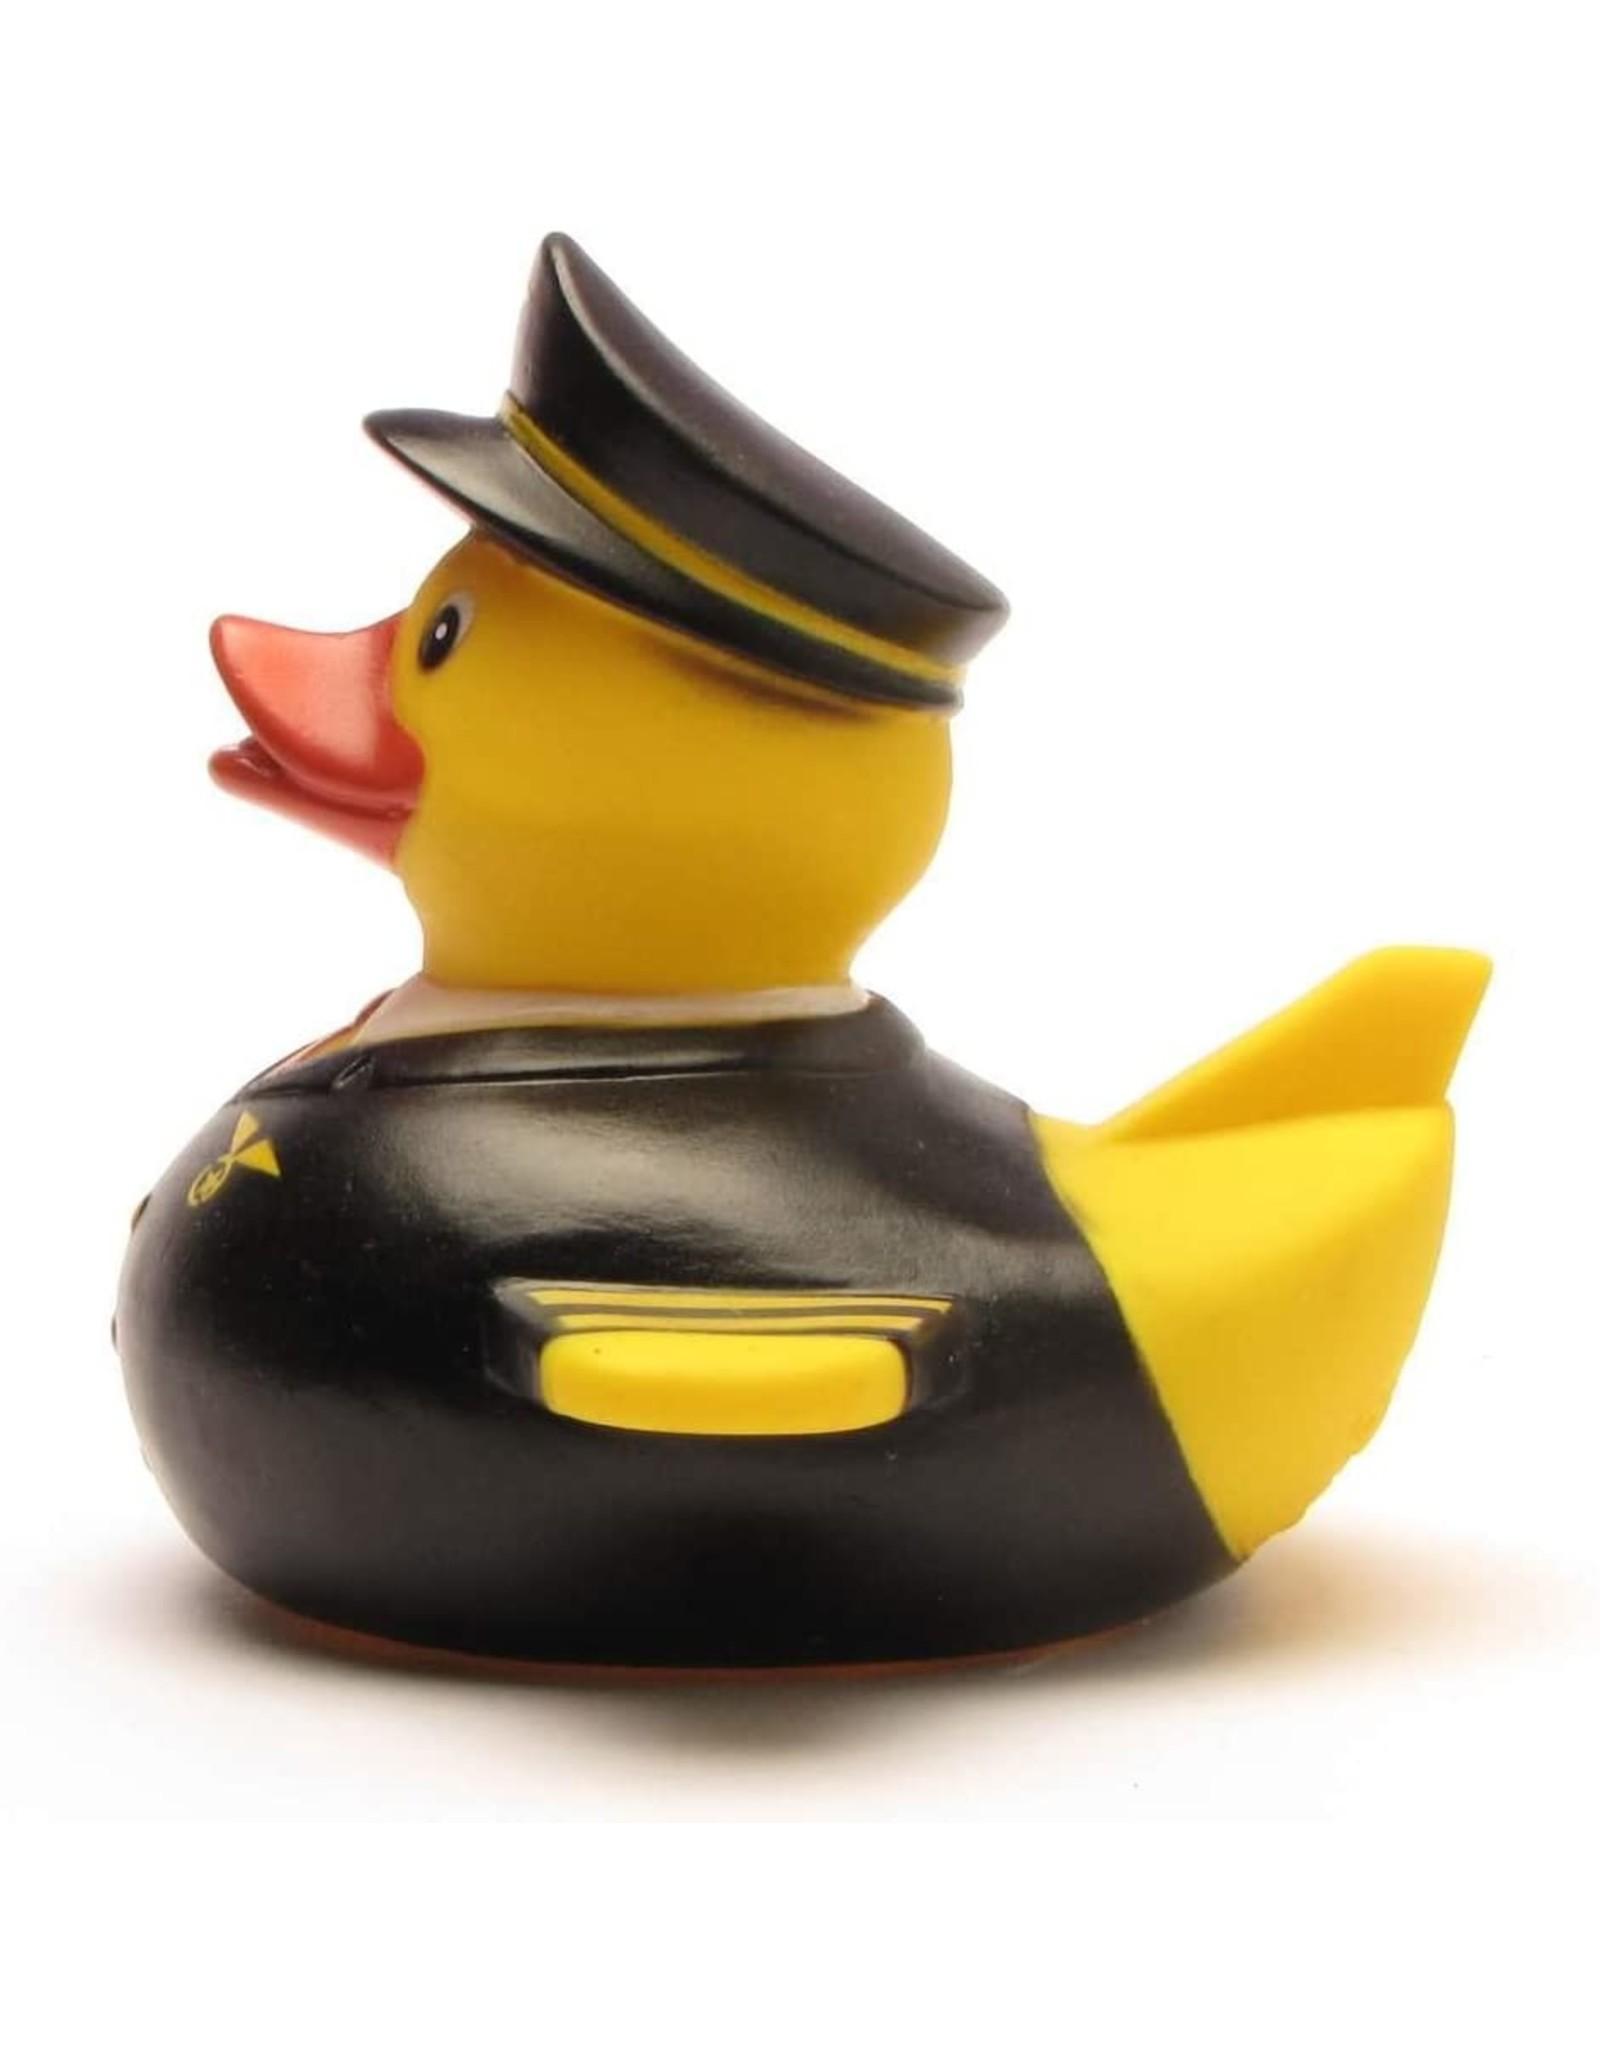 Commercial Pilot Rubber Duck